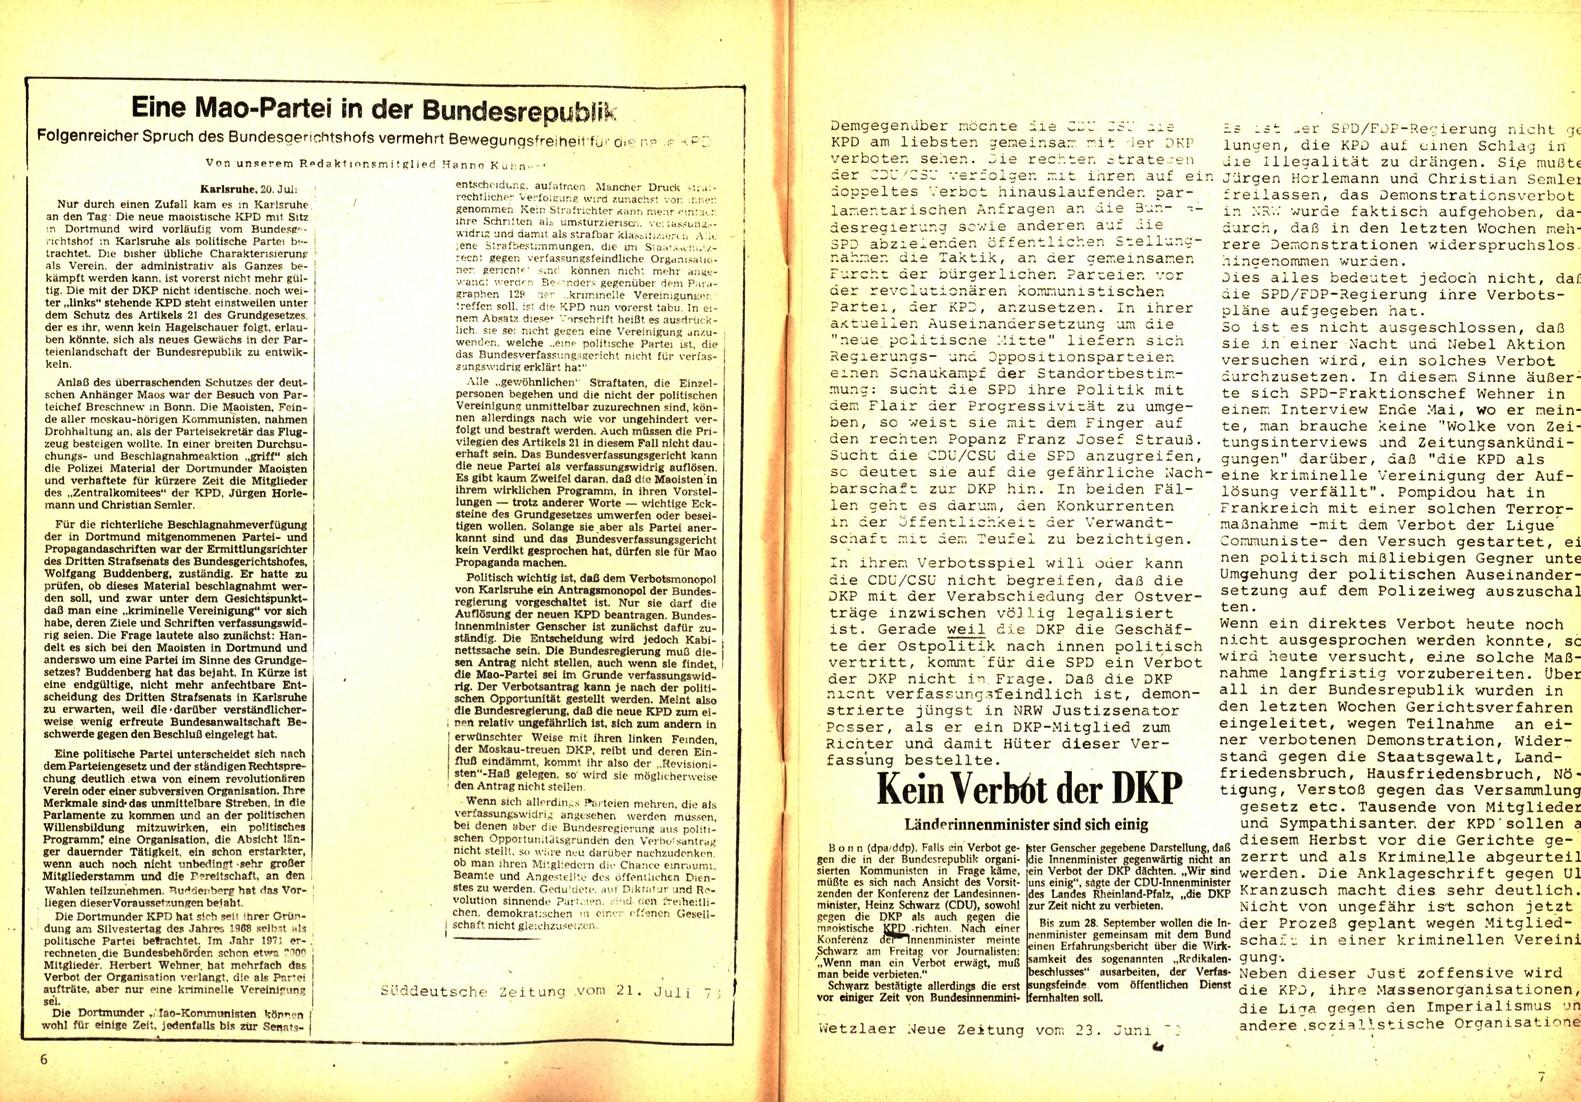 Komitee_Haende_weg_von_der_KPD_1973_Freiheit_fuer_Uli_Kranzusch_05